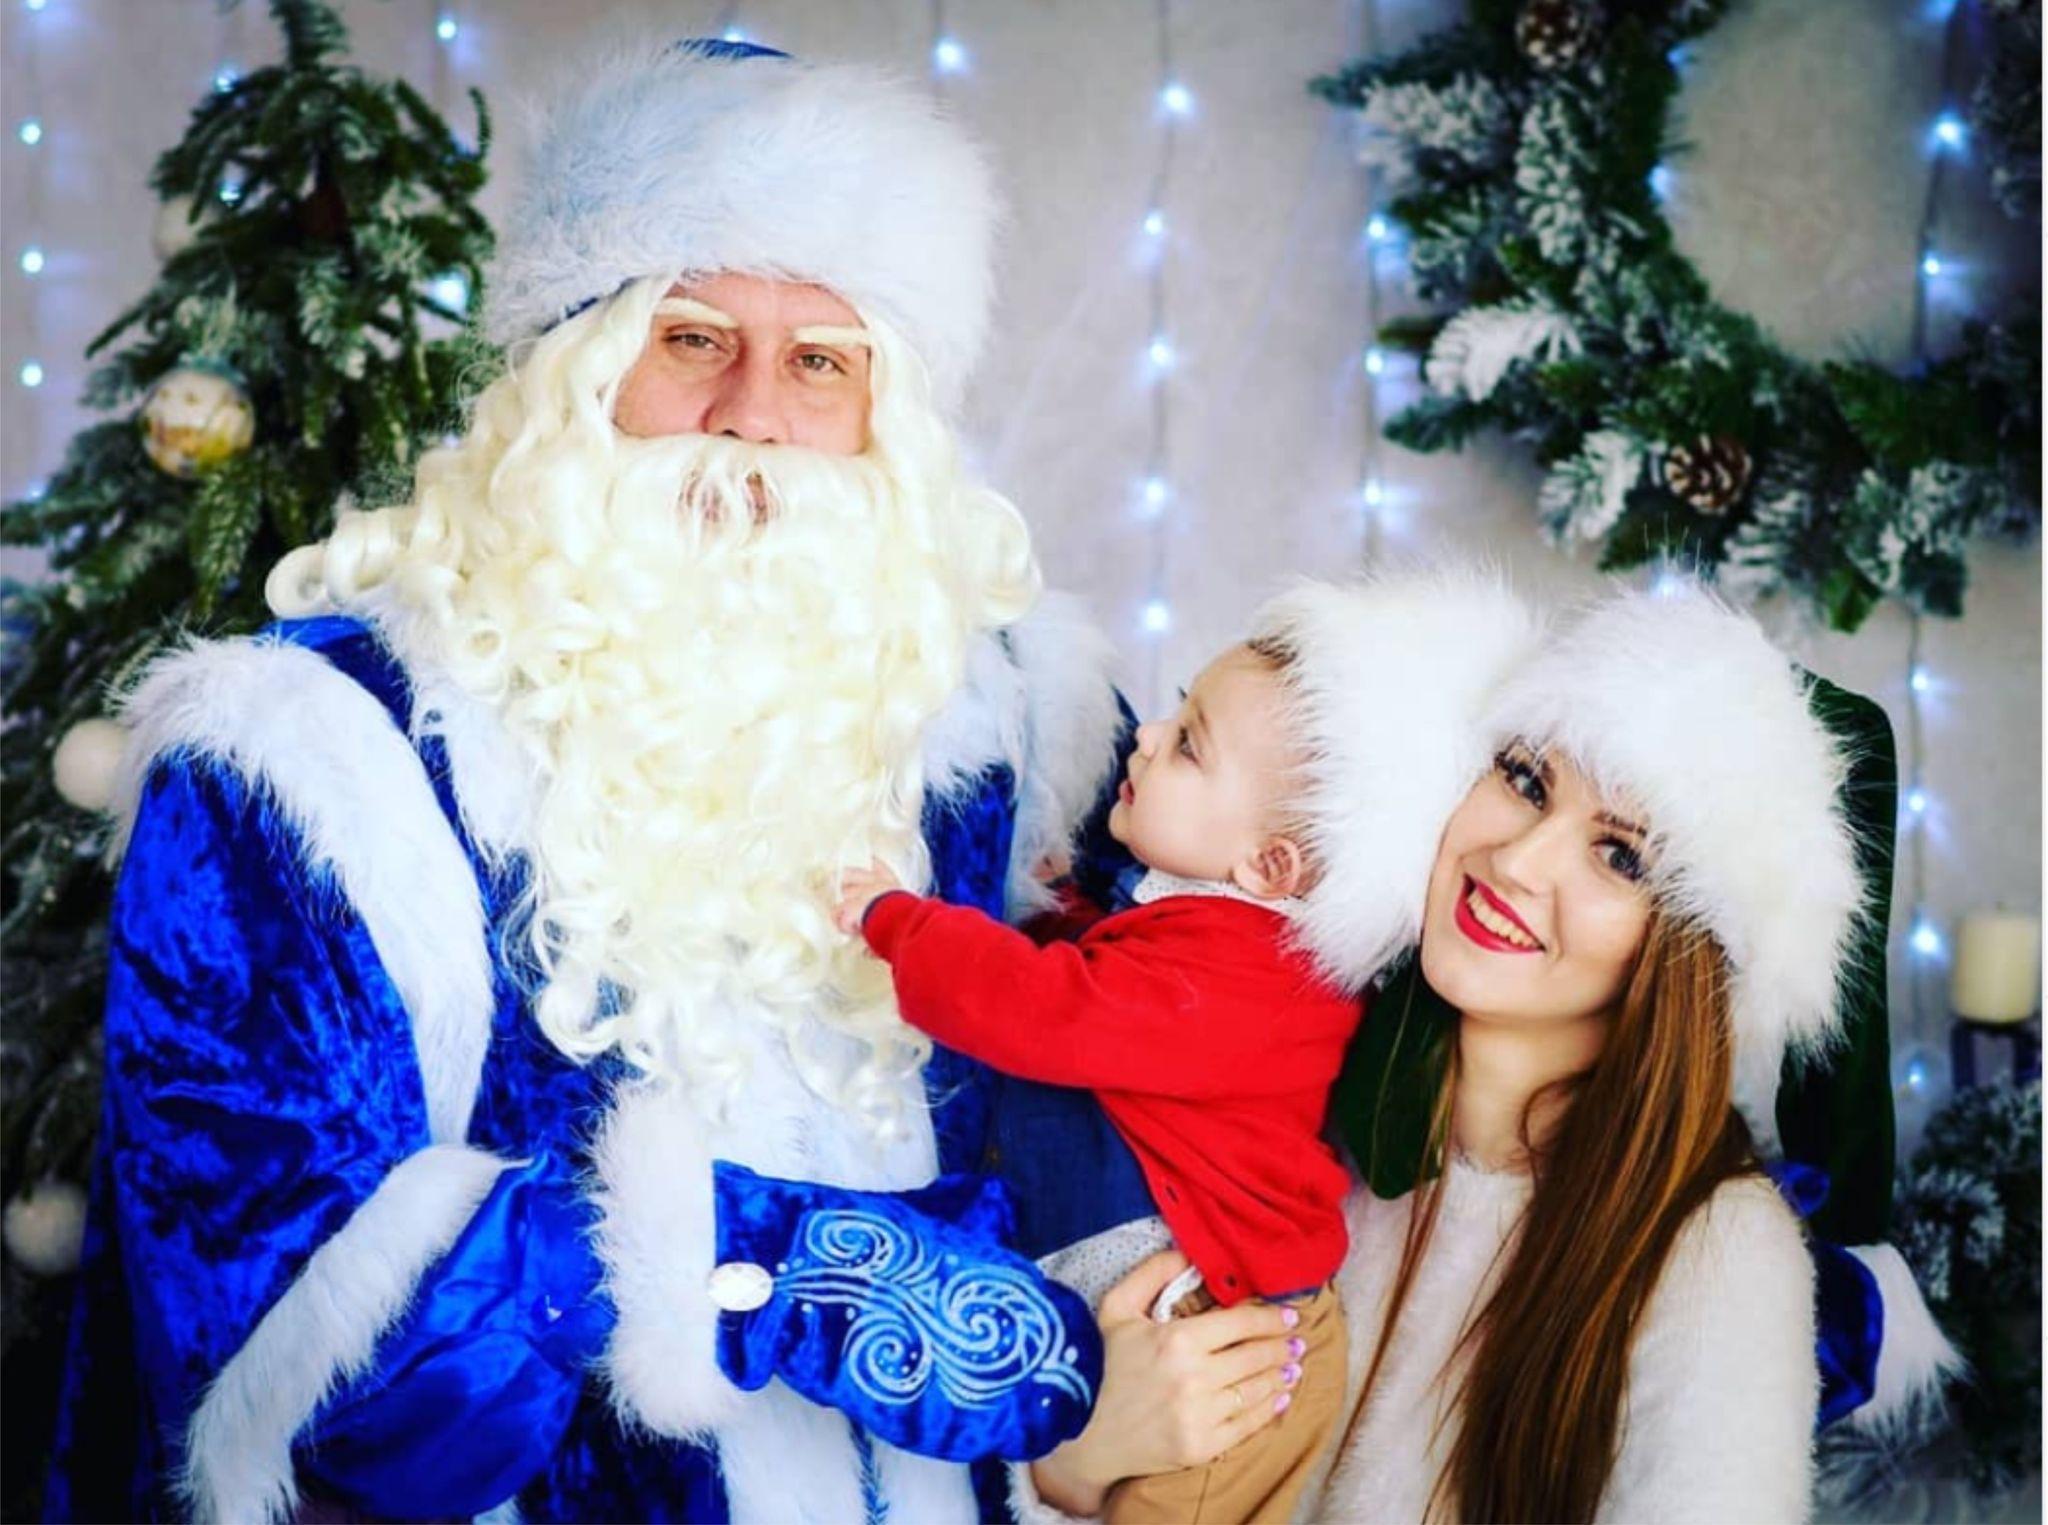 31 декабря до 18:00 вечера поздравление стоит 30.000 тг - программа 30 минут где будет Дед Мороз и Снегурочка ( с собой музыка и реквизит для игр) заранее берём подарок от родителей и дарим ребёнку или детям..